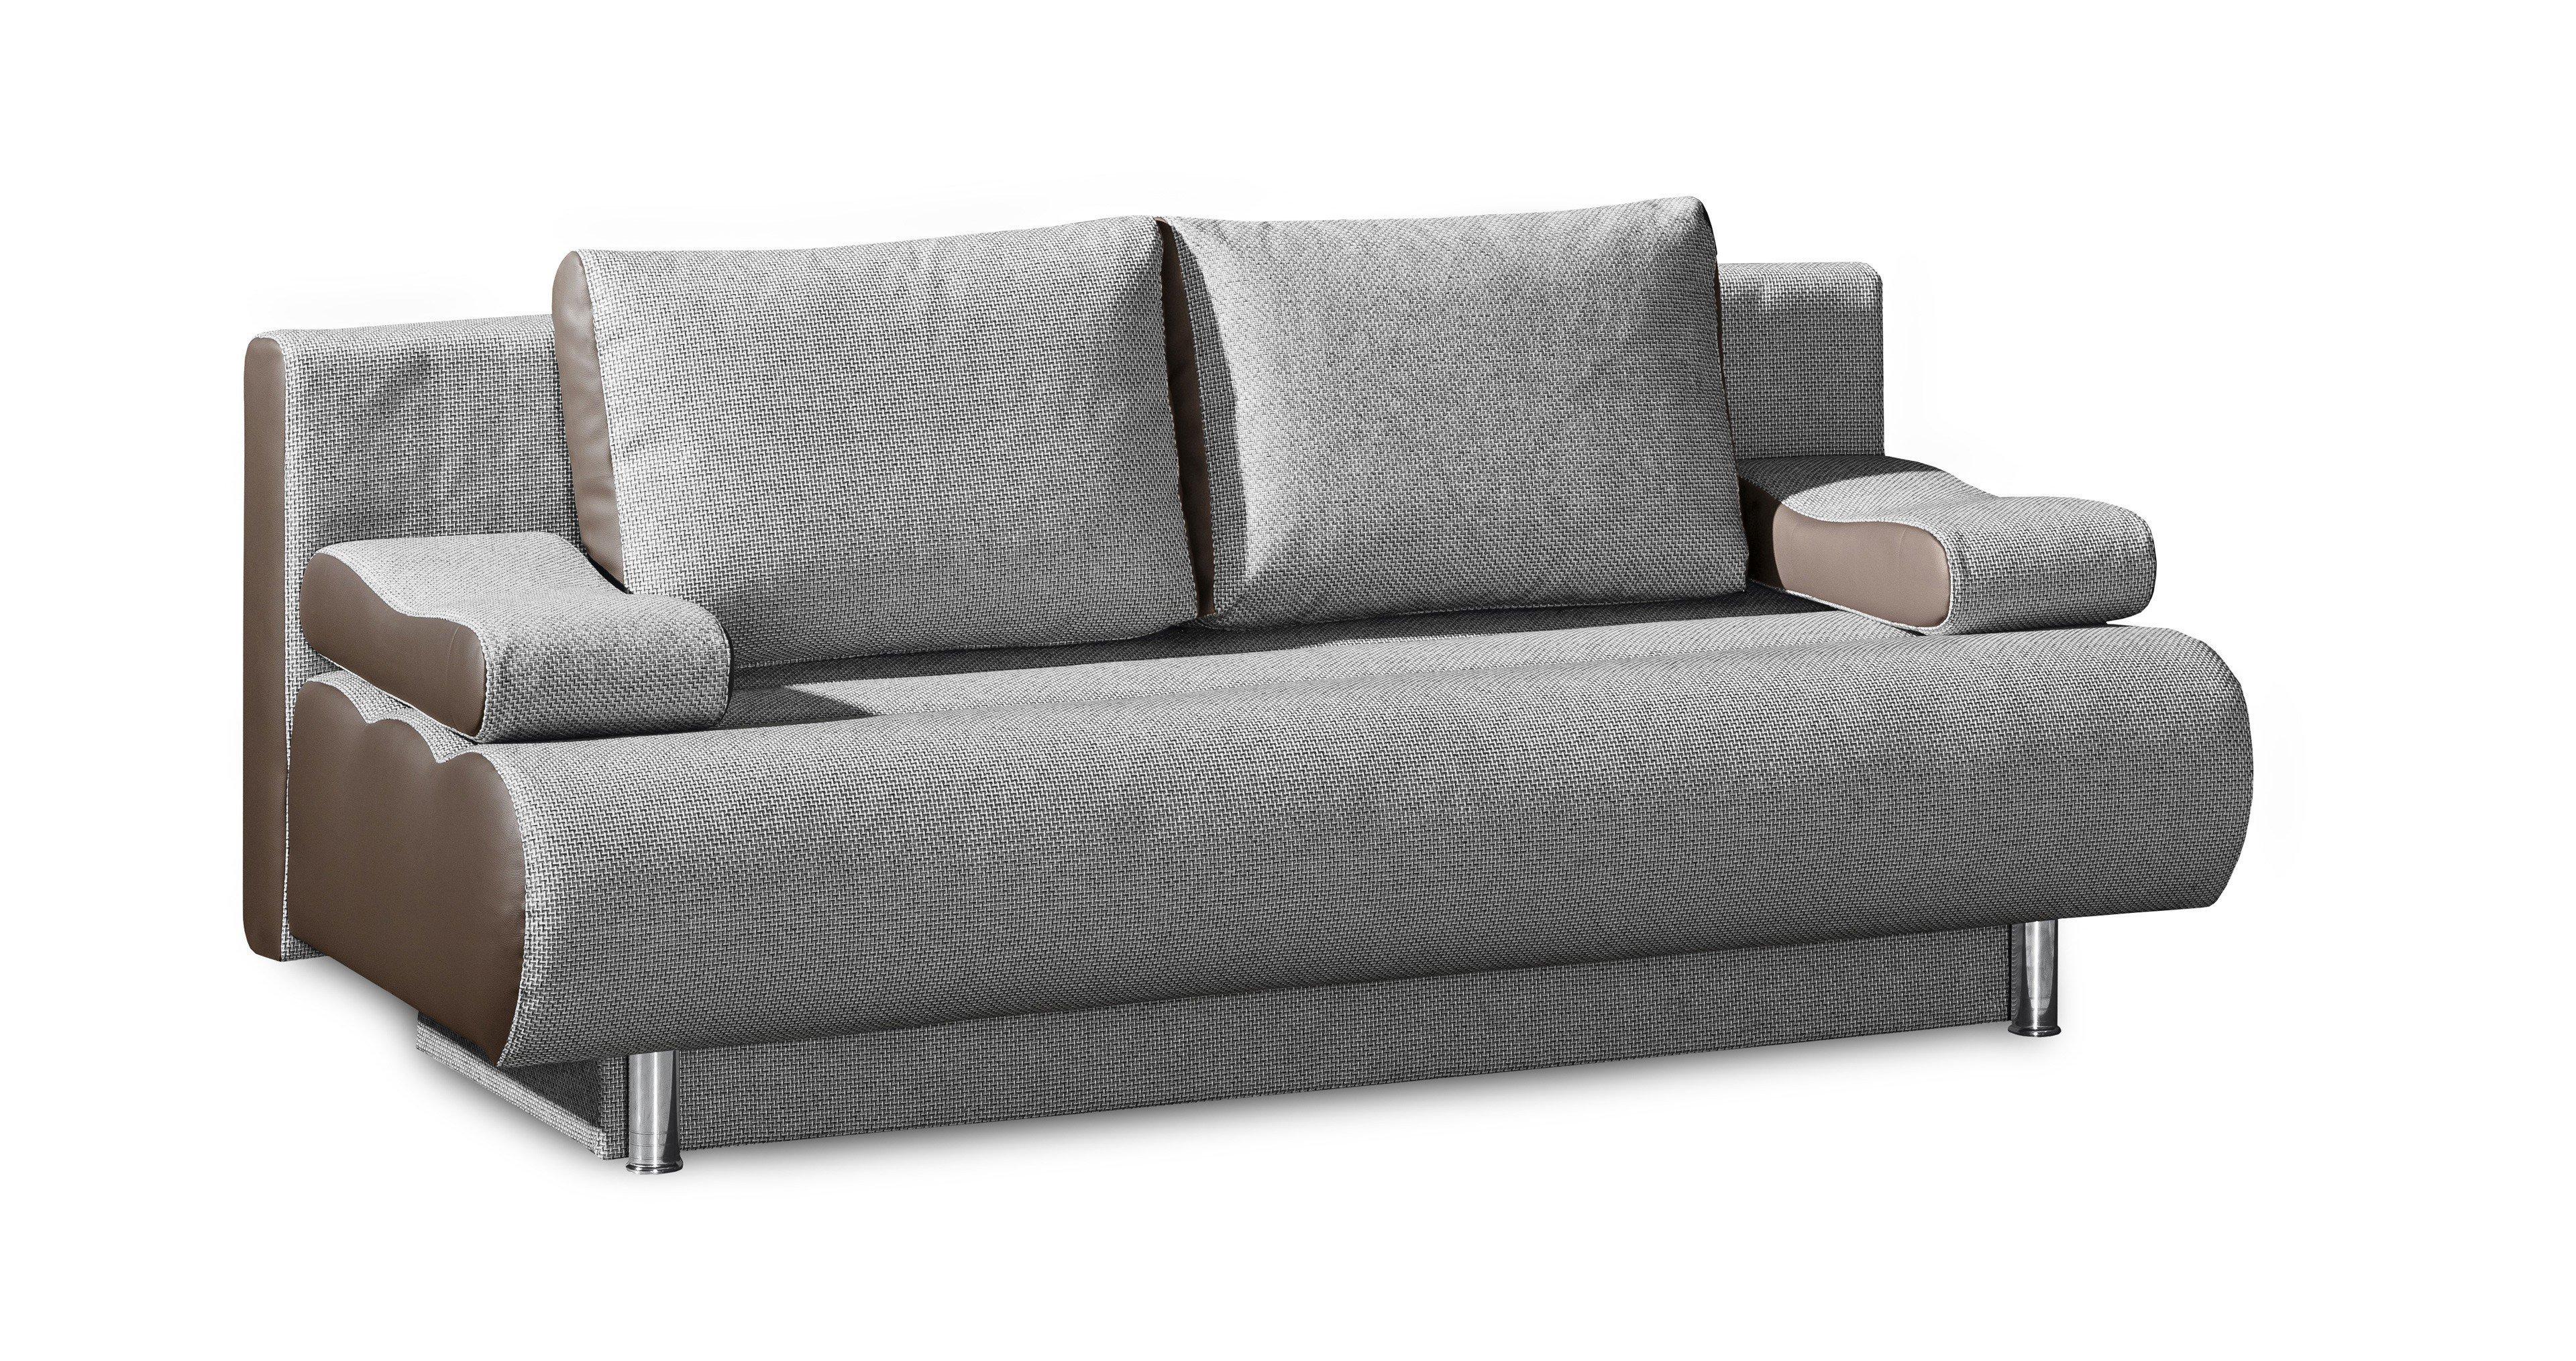 gnstige schlafsofas unter 100 euro latest trendiges. Black Bedroom Furniture Sets. Home Design Ideas